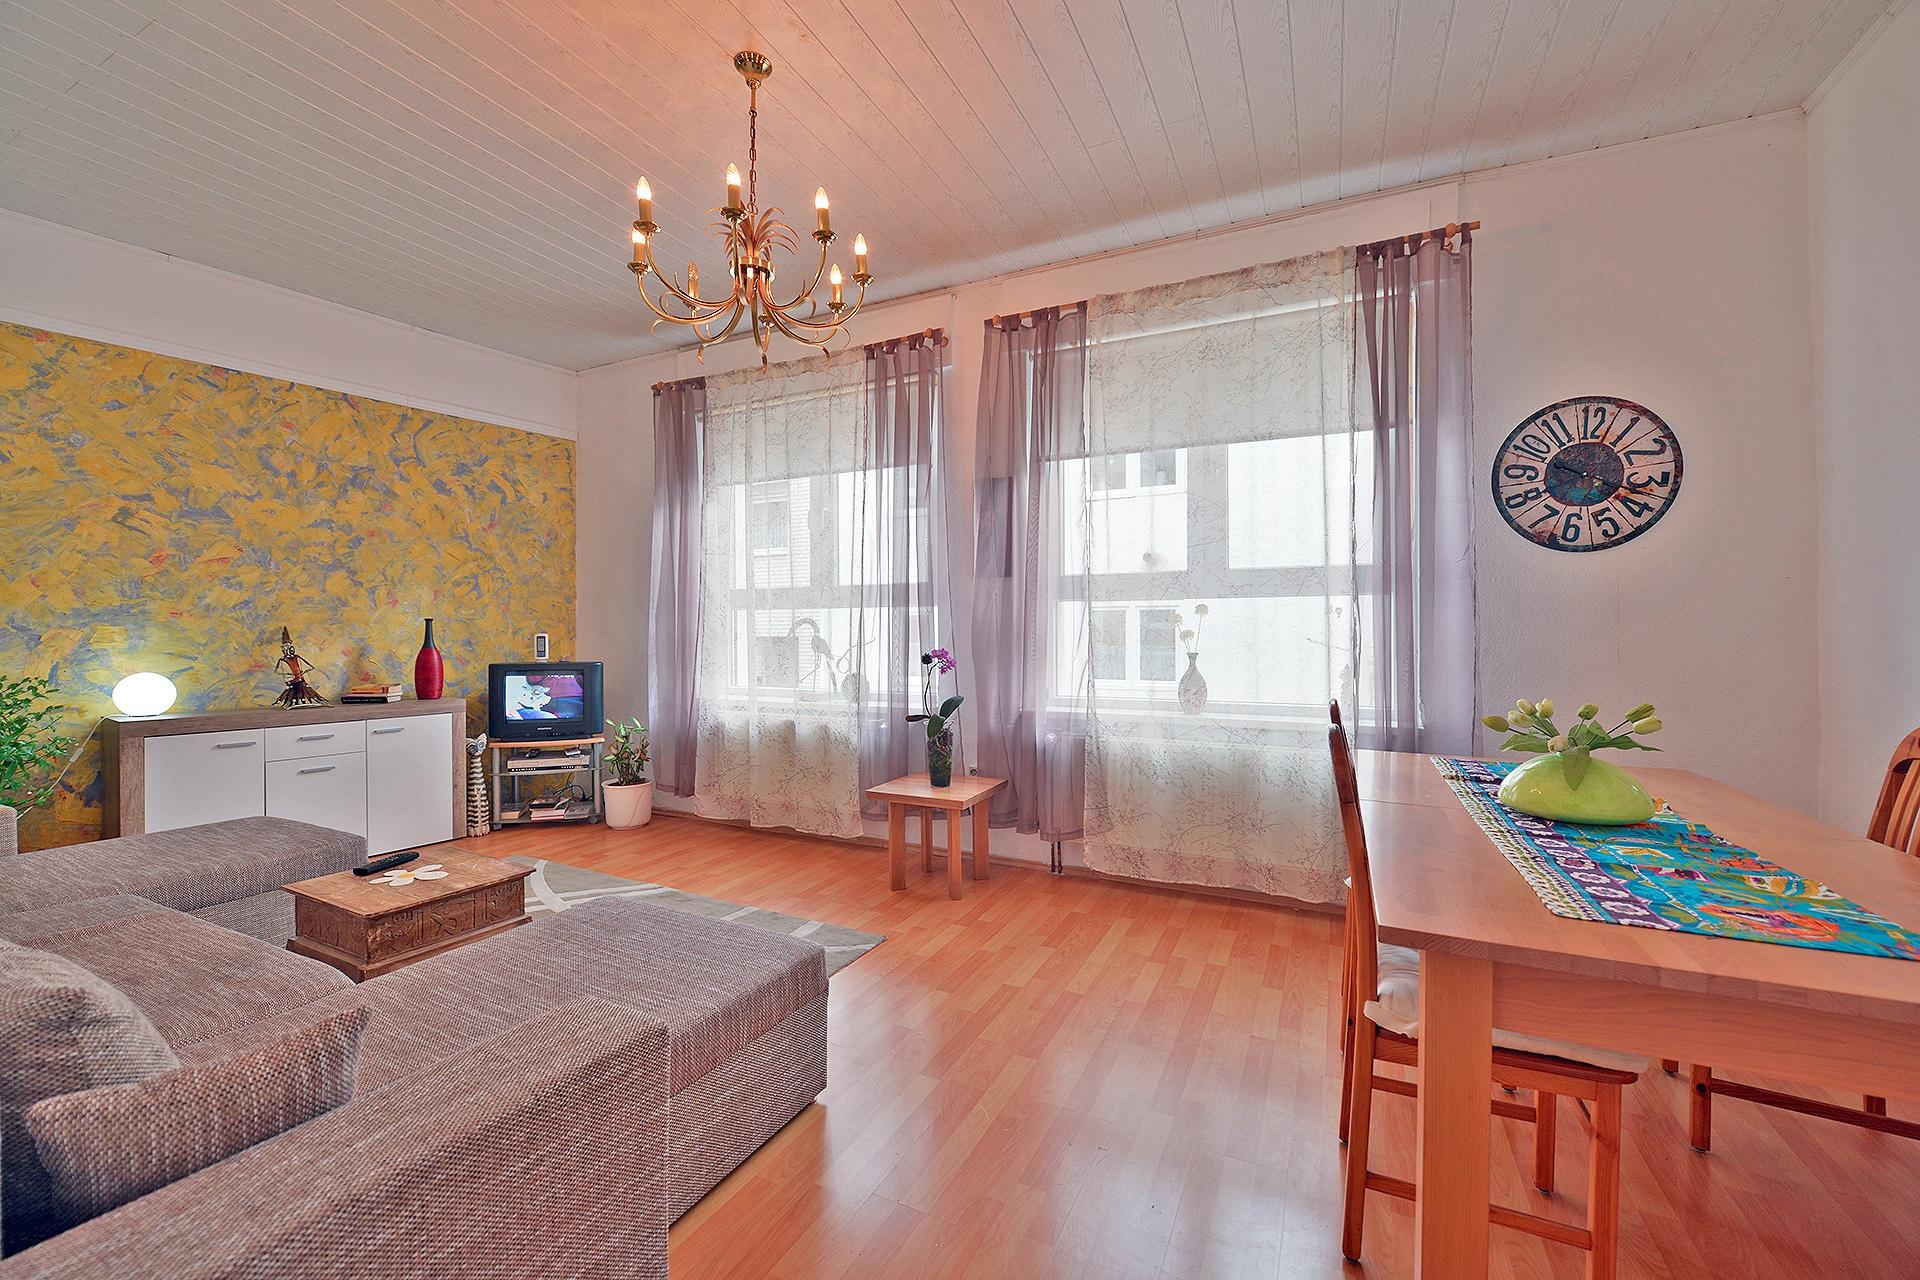 Immobilienmakler Jülich Haus referenzen mit Immobilienbewertung